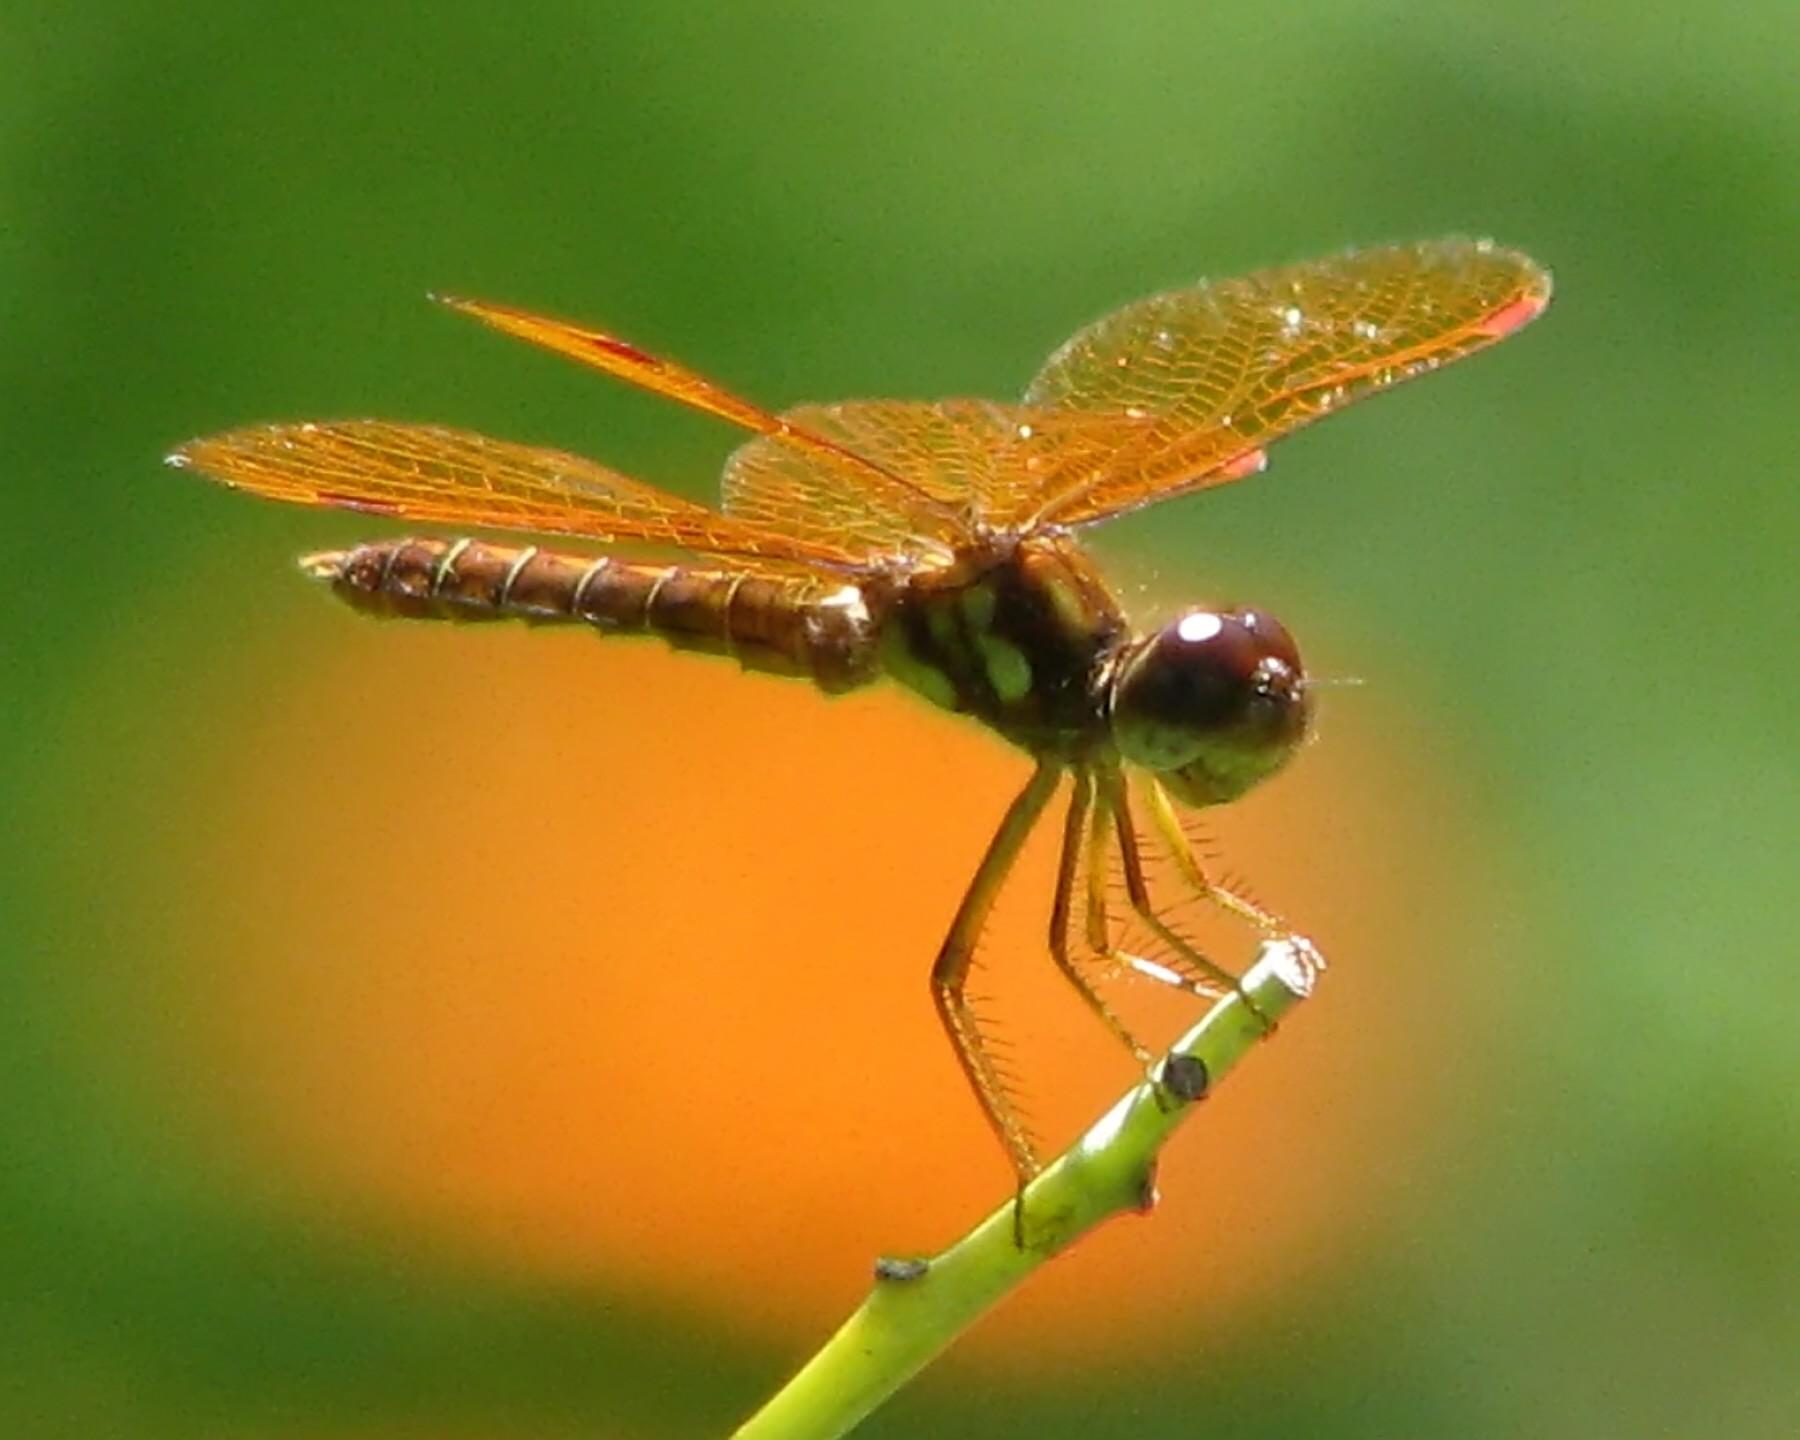 картинка комара и жука верить новостной